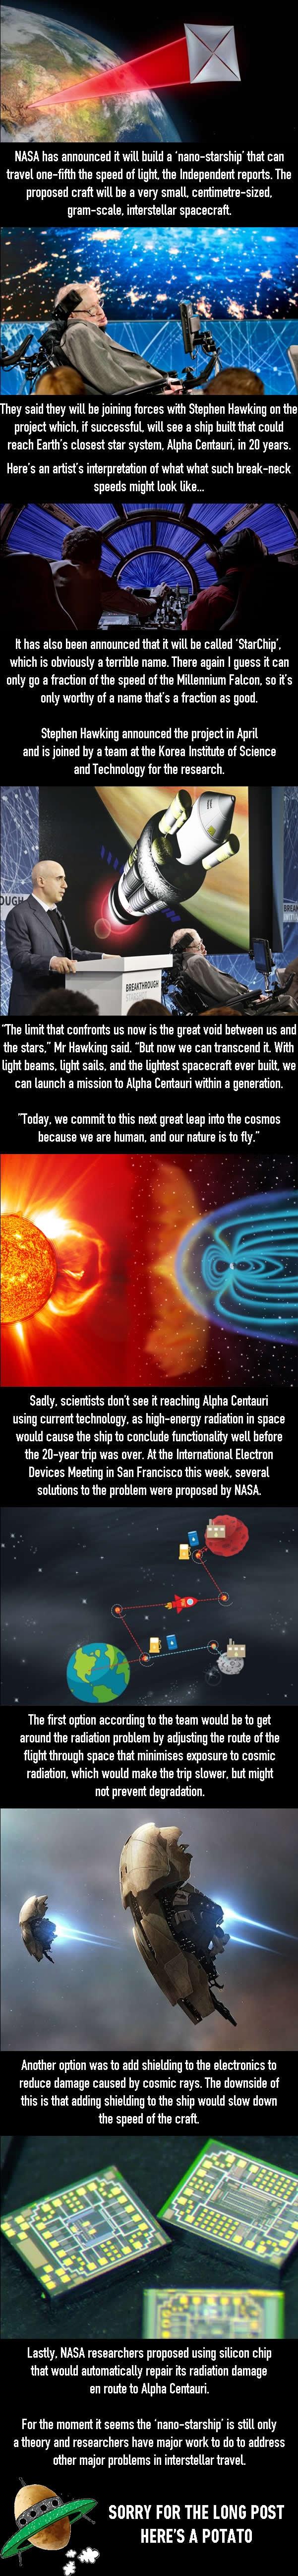 NASA announces new nano-starship